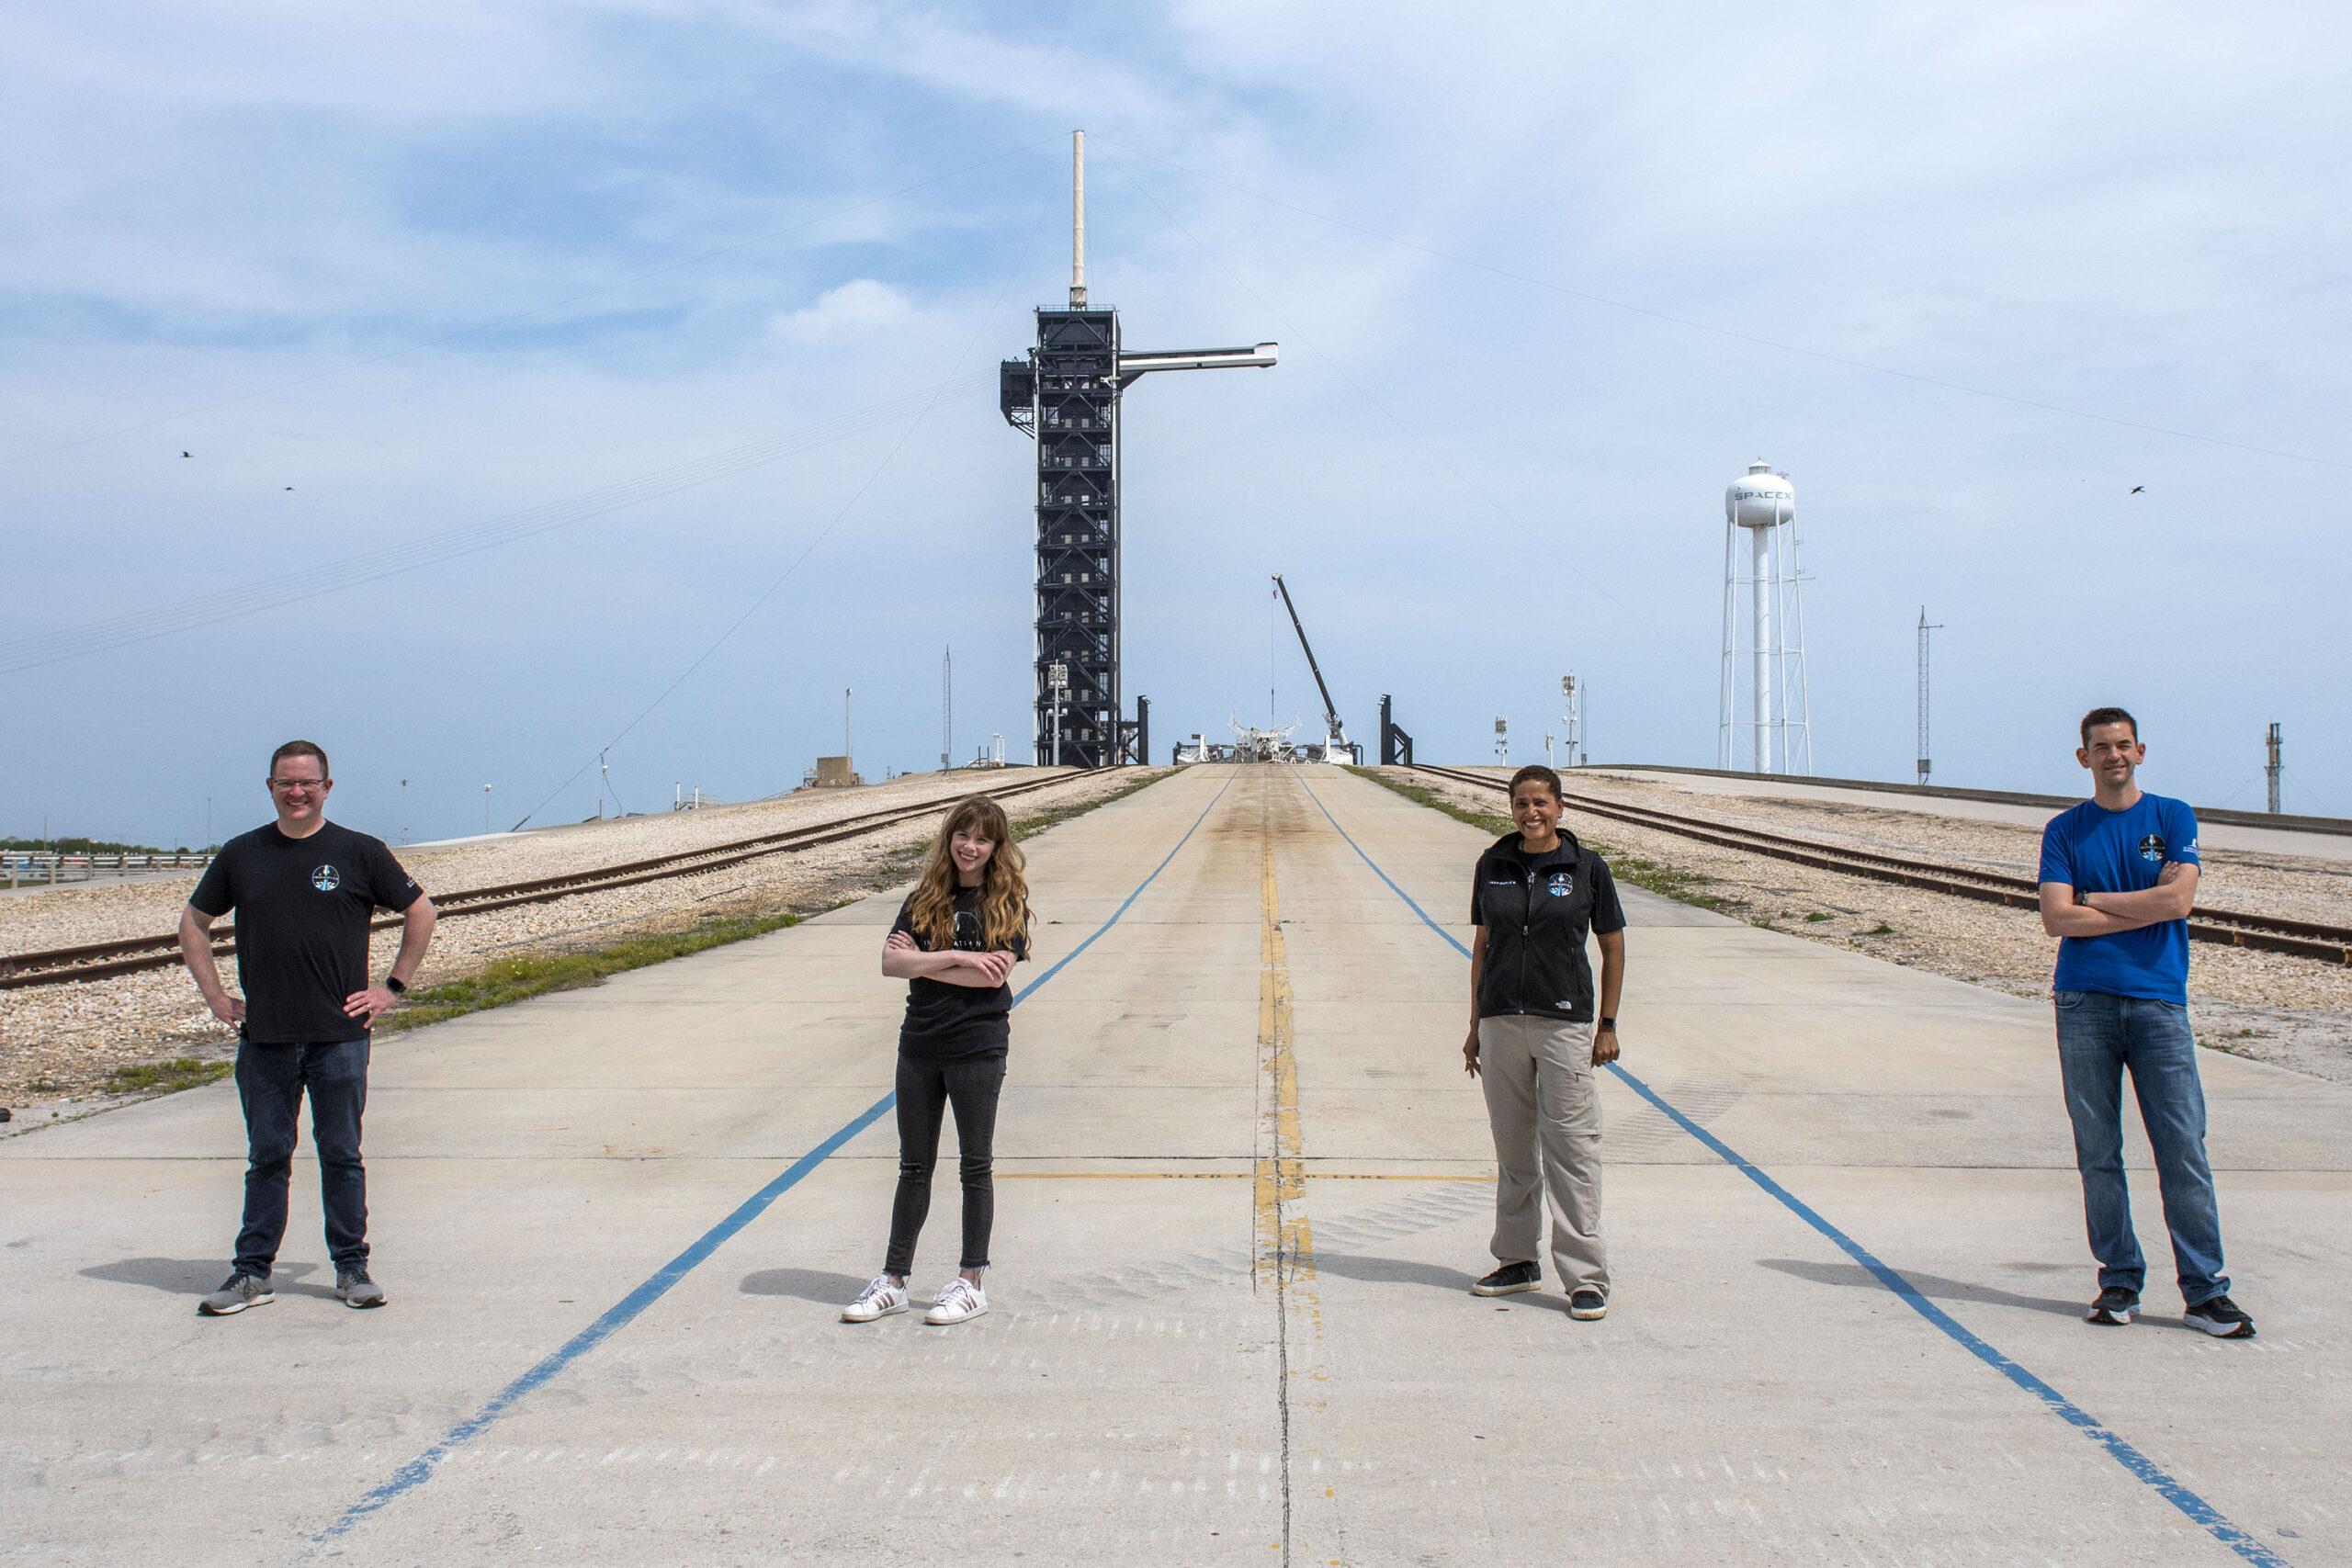 I quattro membri della missione Inspiration4 alla rampa di lancio LC-39A di SpaceX. Credits: Inspiration4.